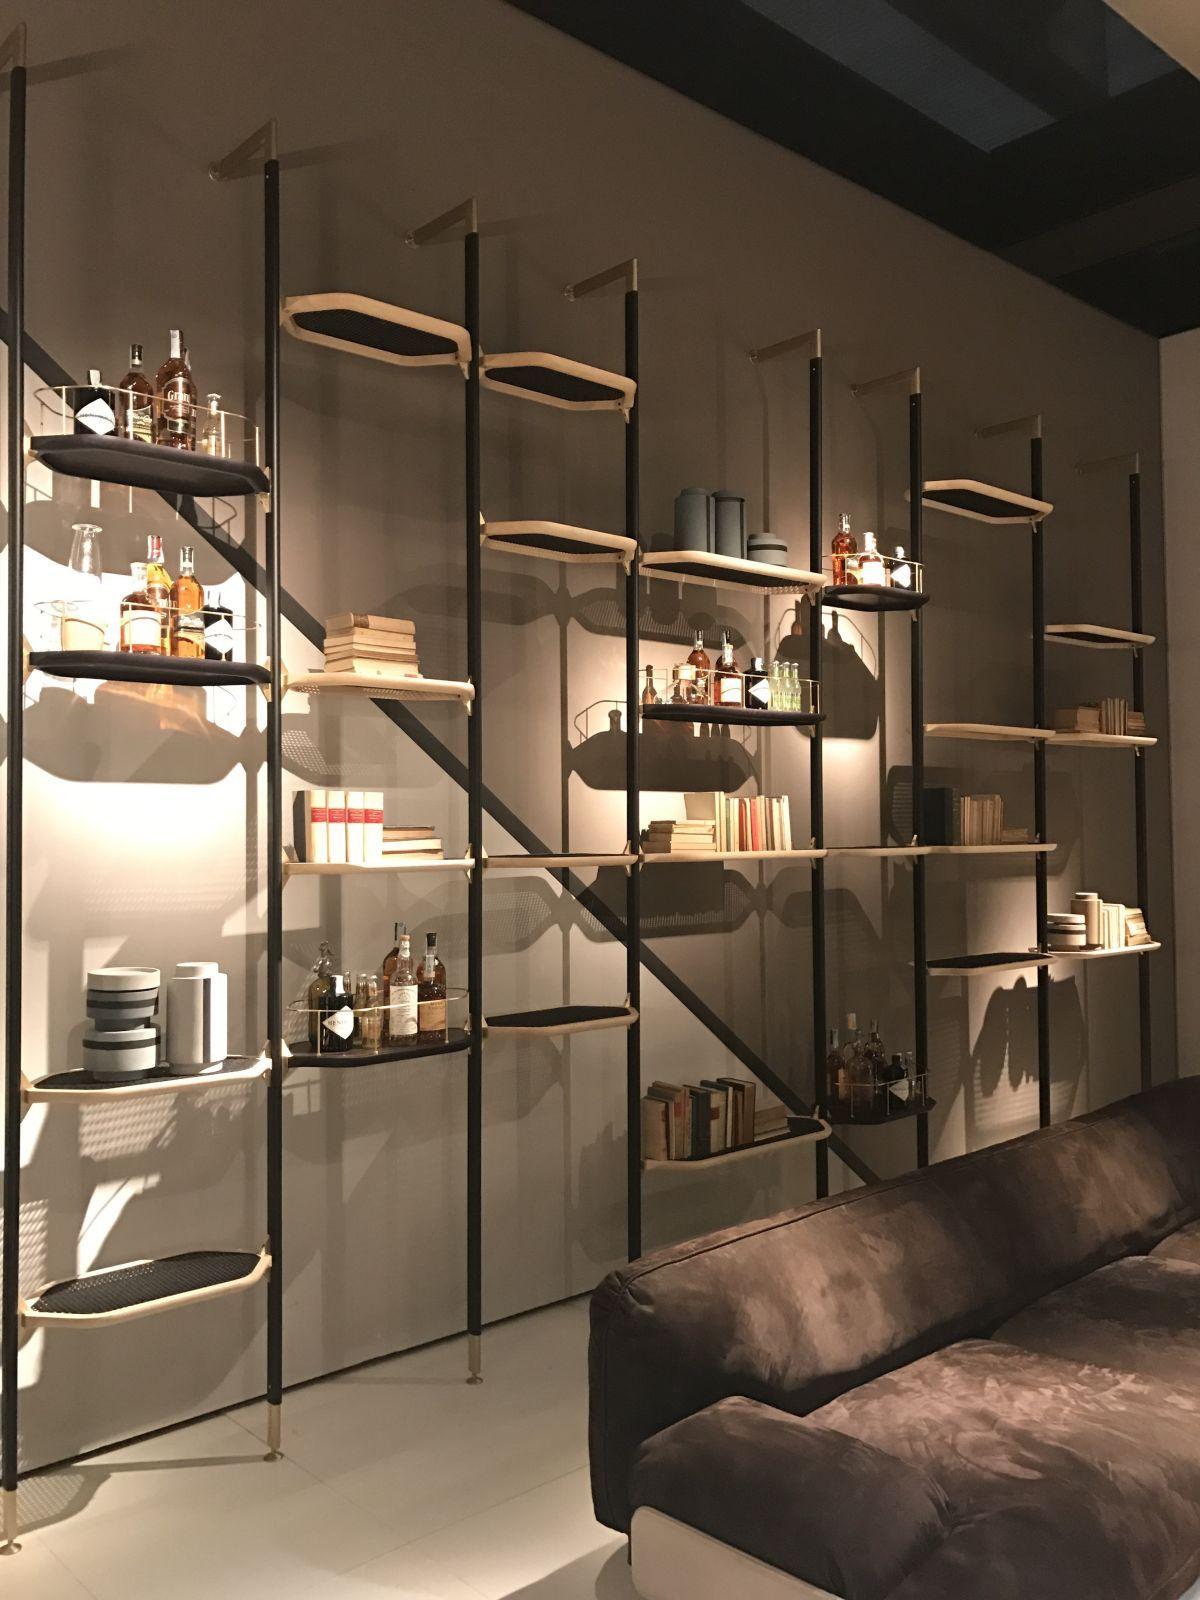 Medium Crop Of Asymmetrical Wall Shelf